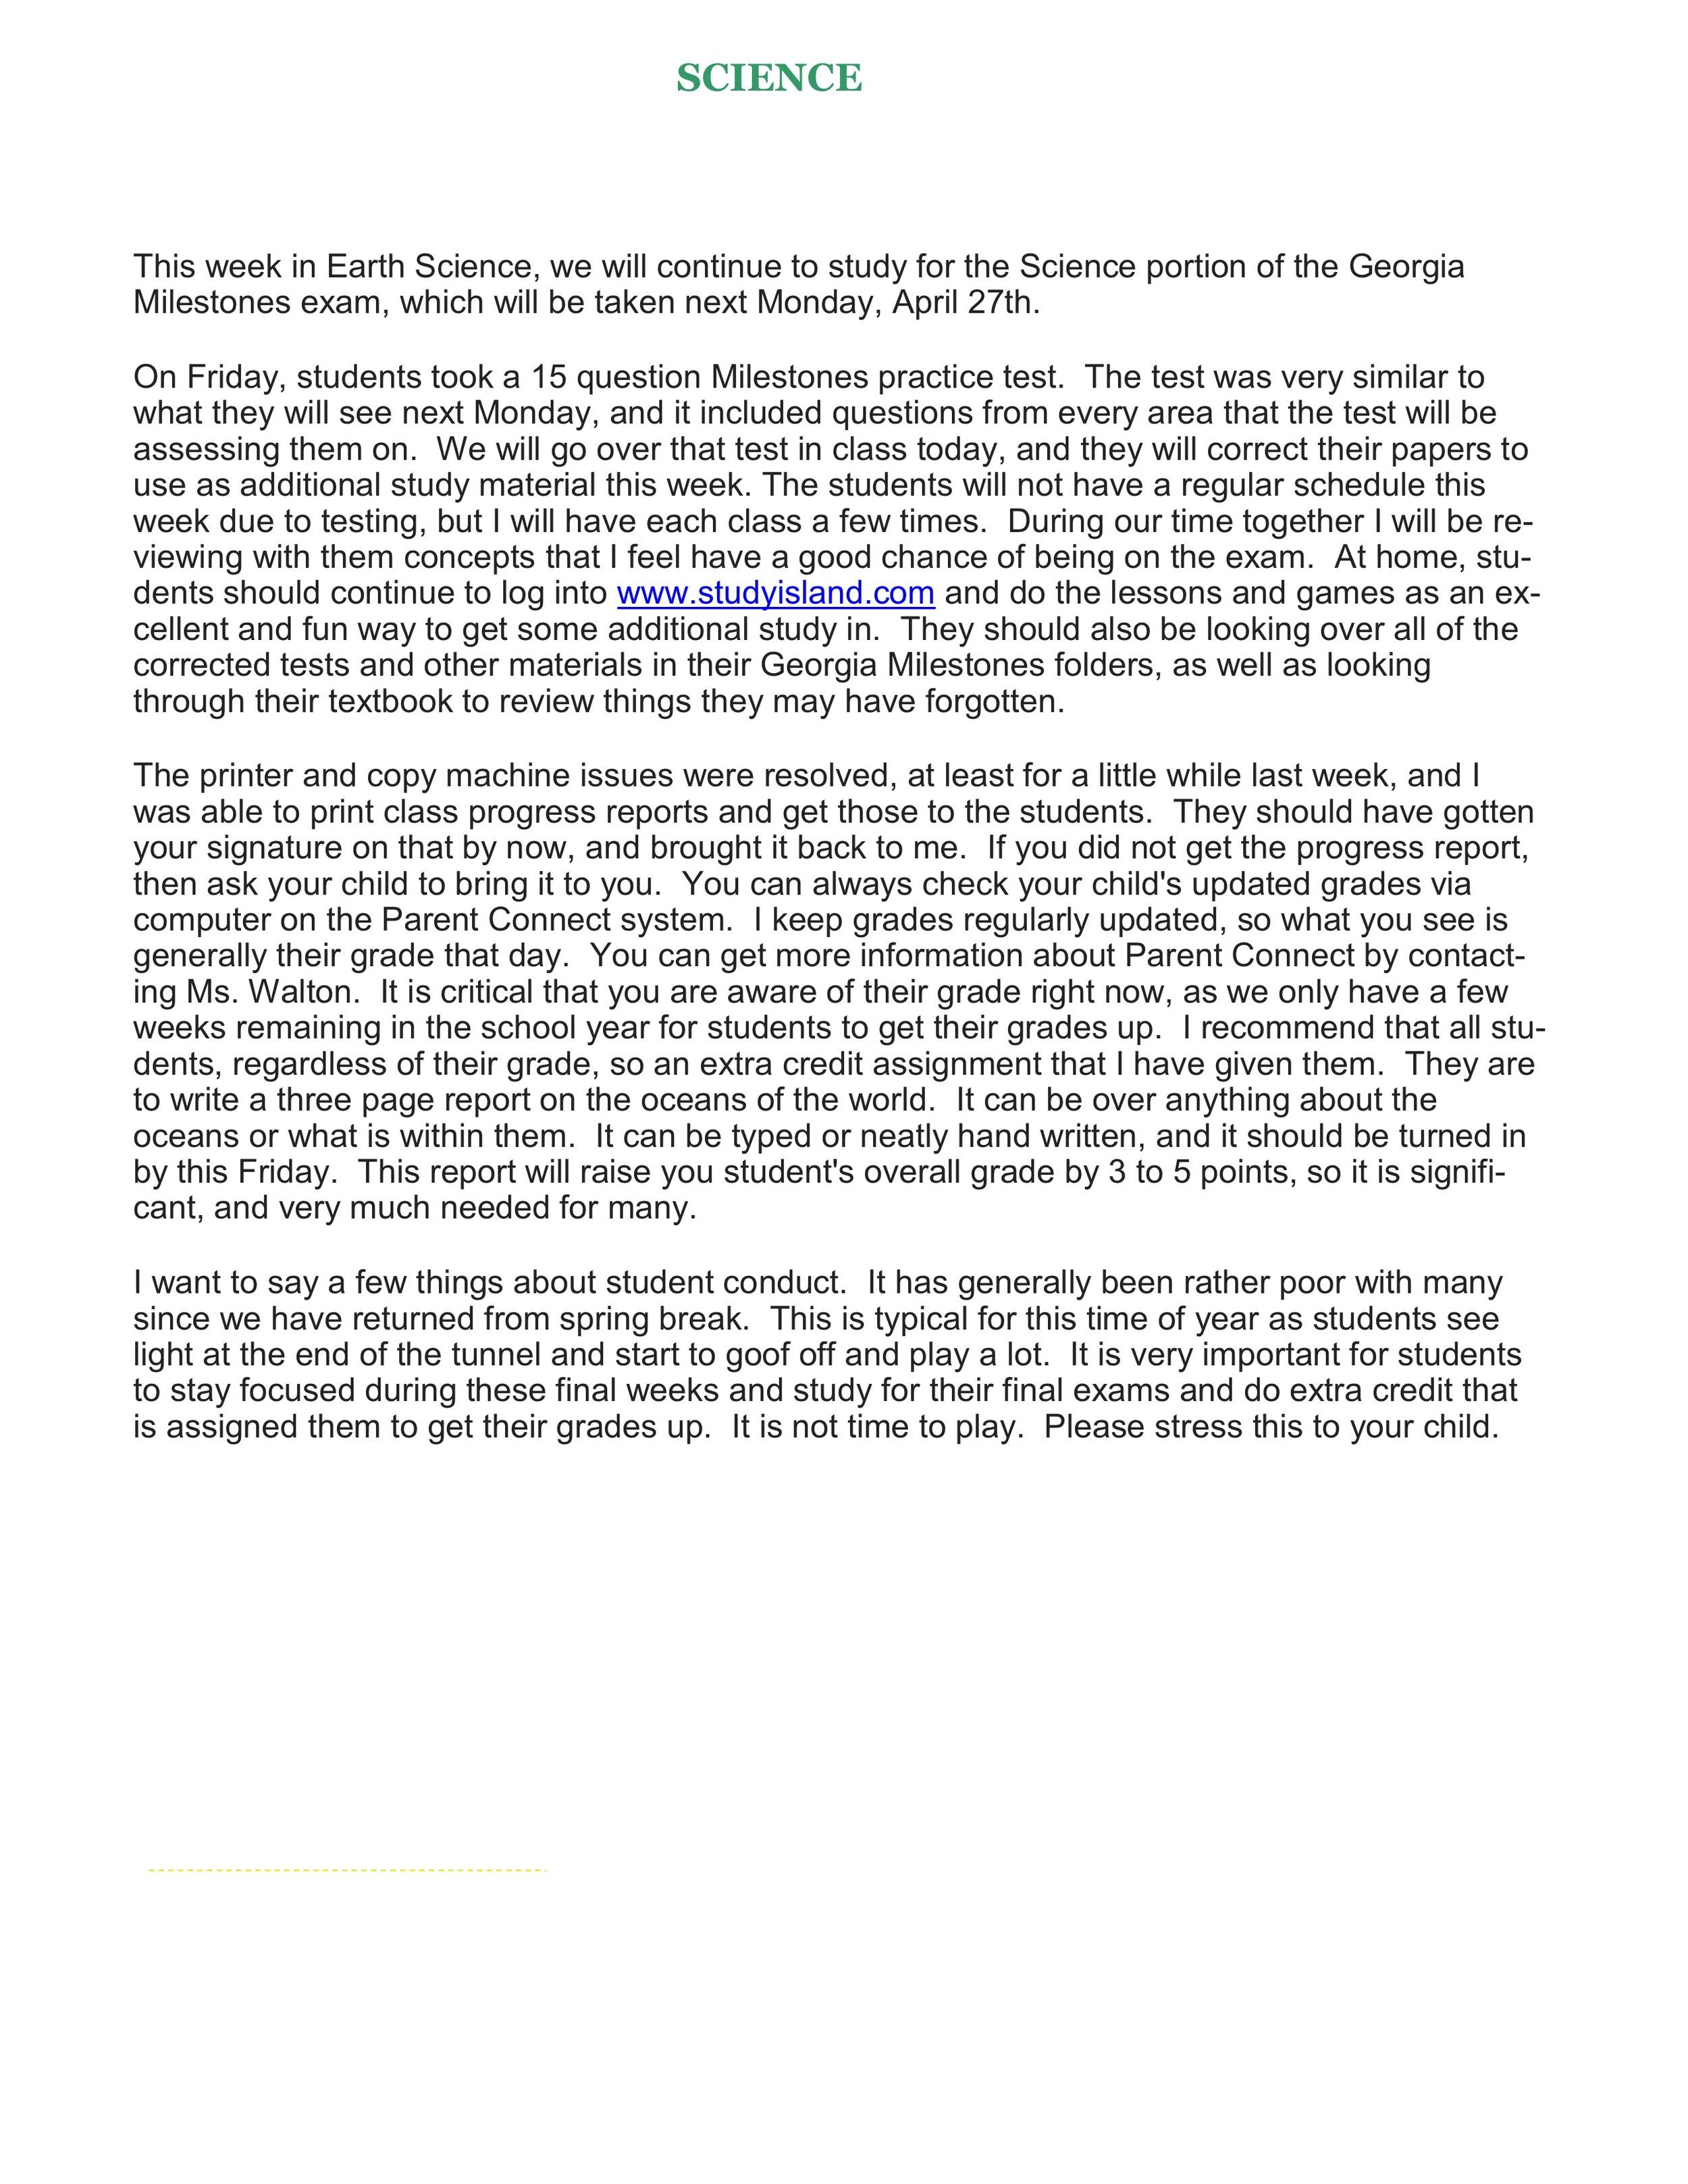 Newsletter Image6th grade April 20-24 4.jpeg